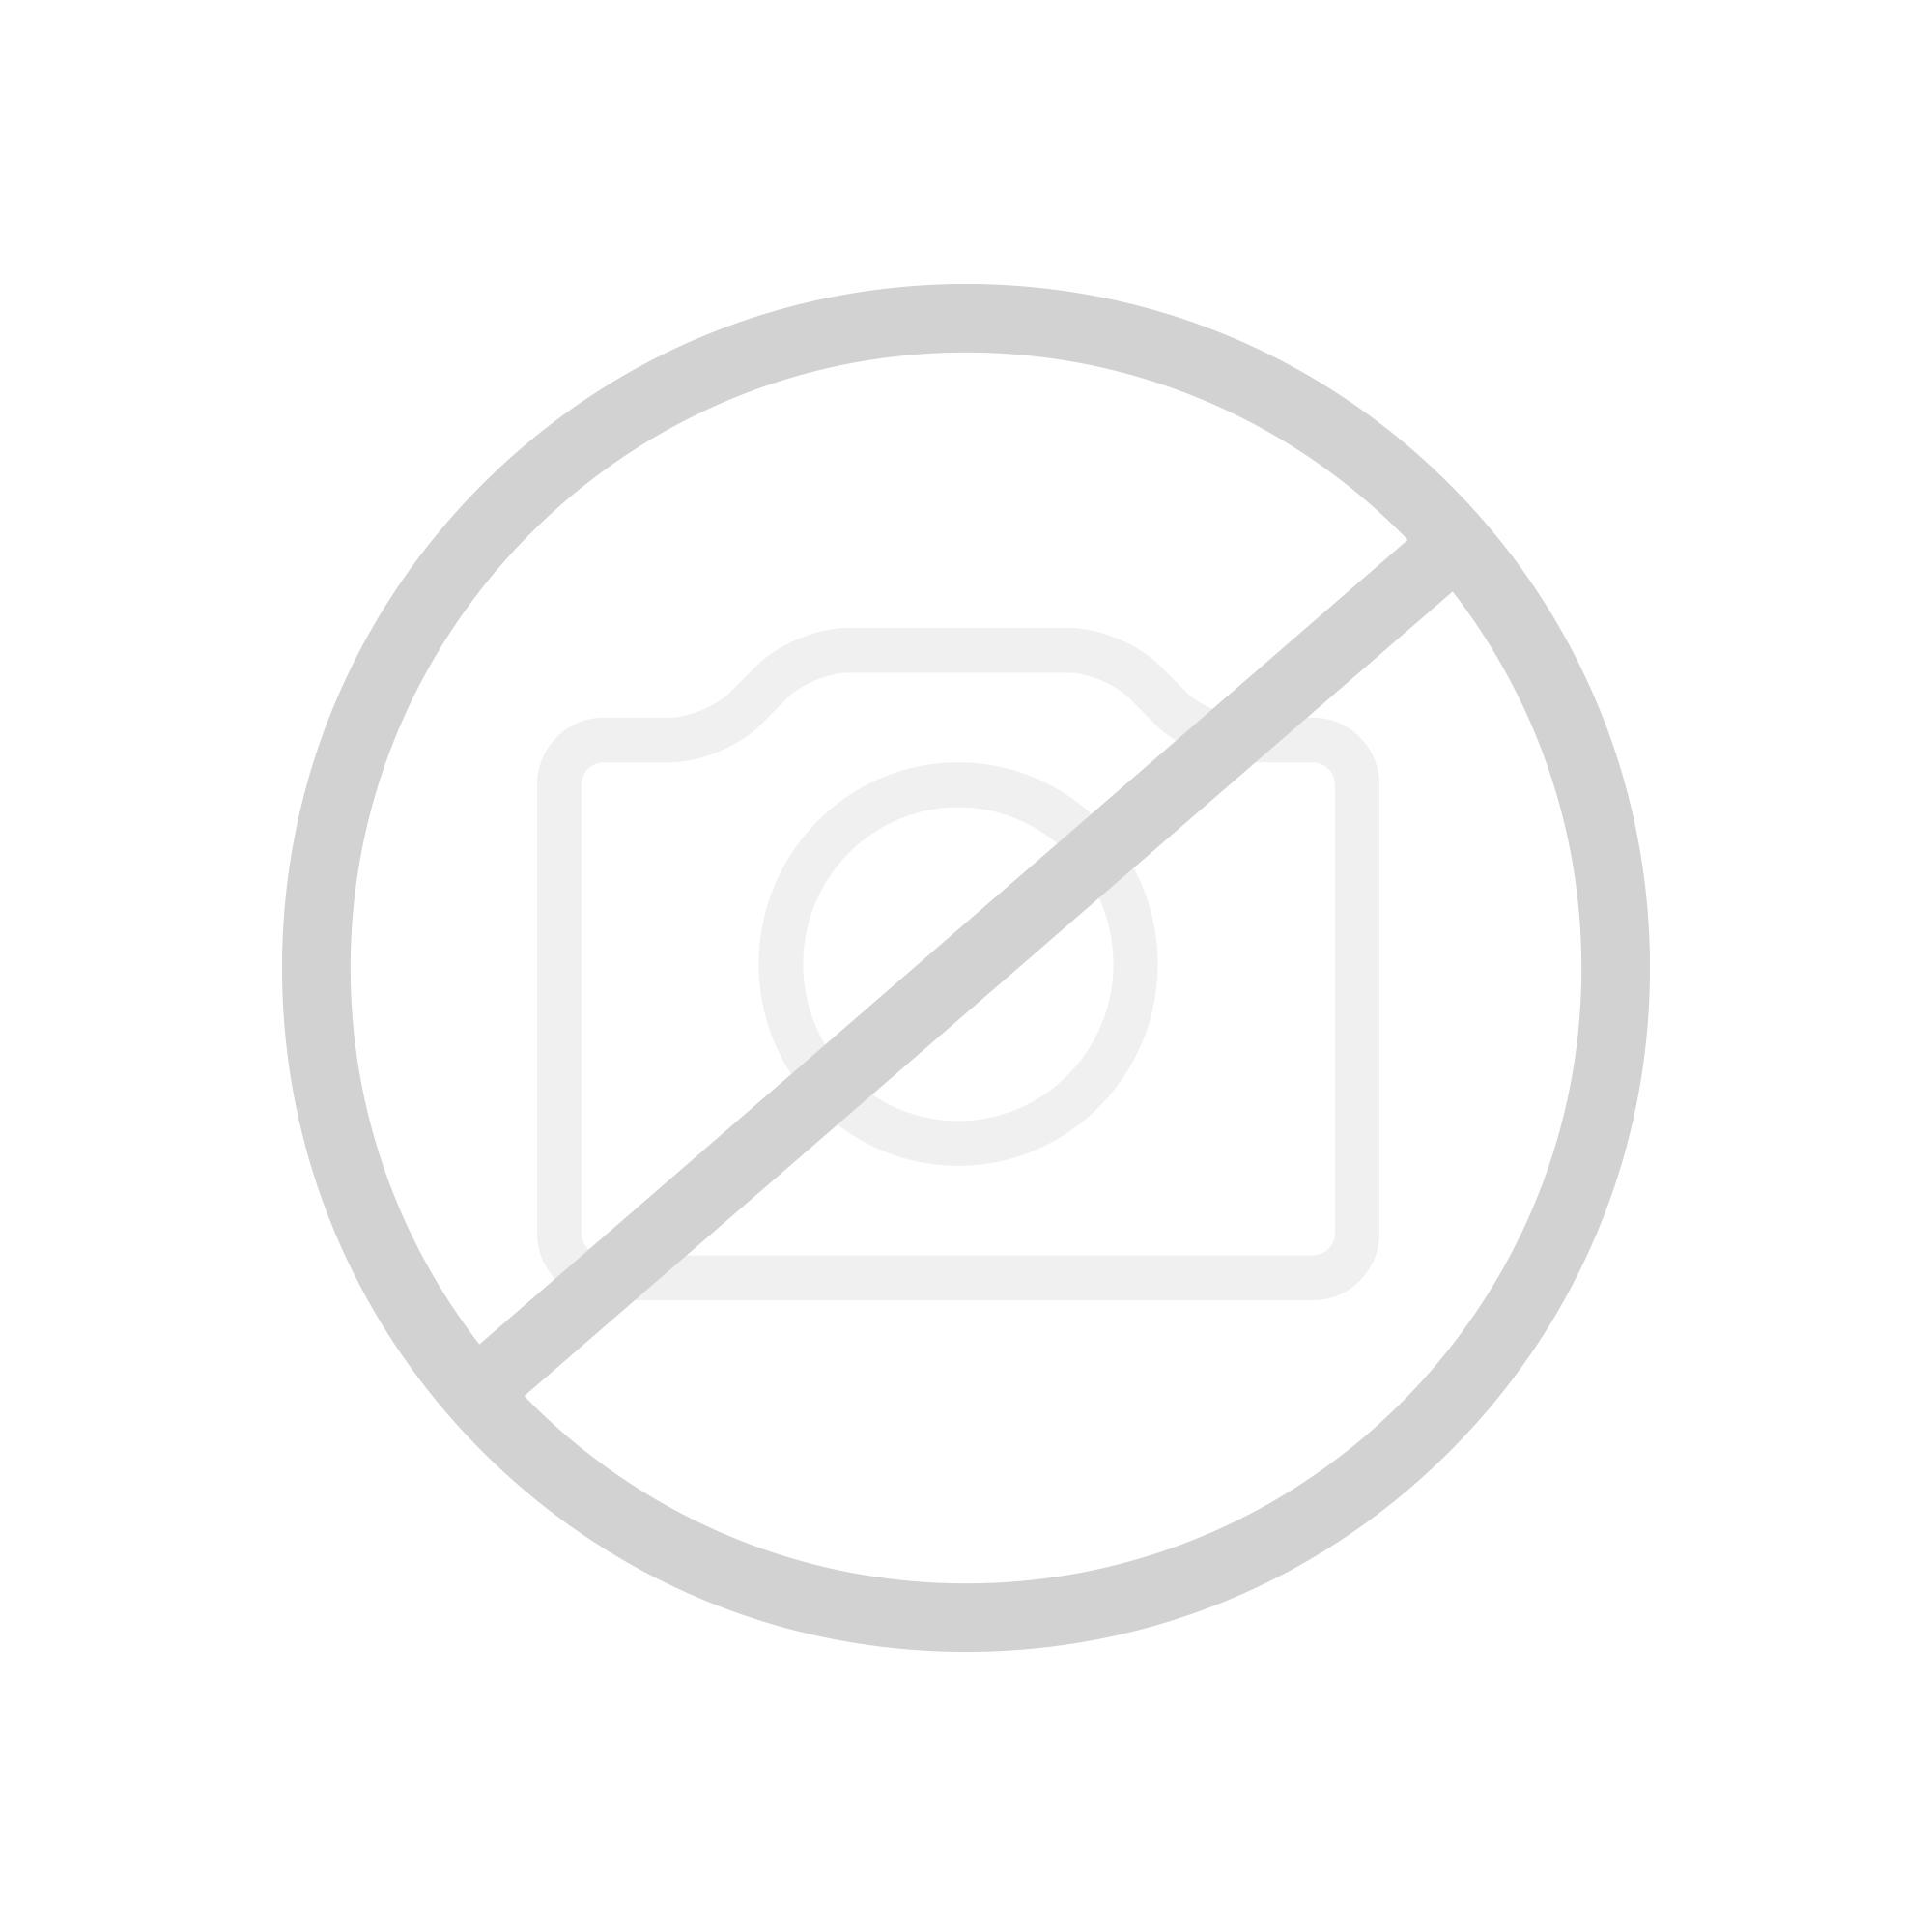 Spiegelschränke günstig kaufen | Reuter Onlineshop